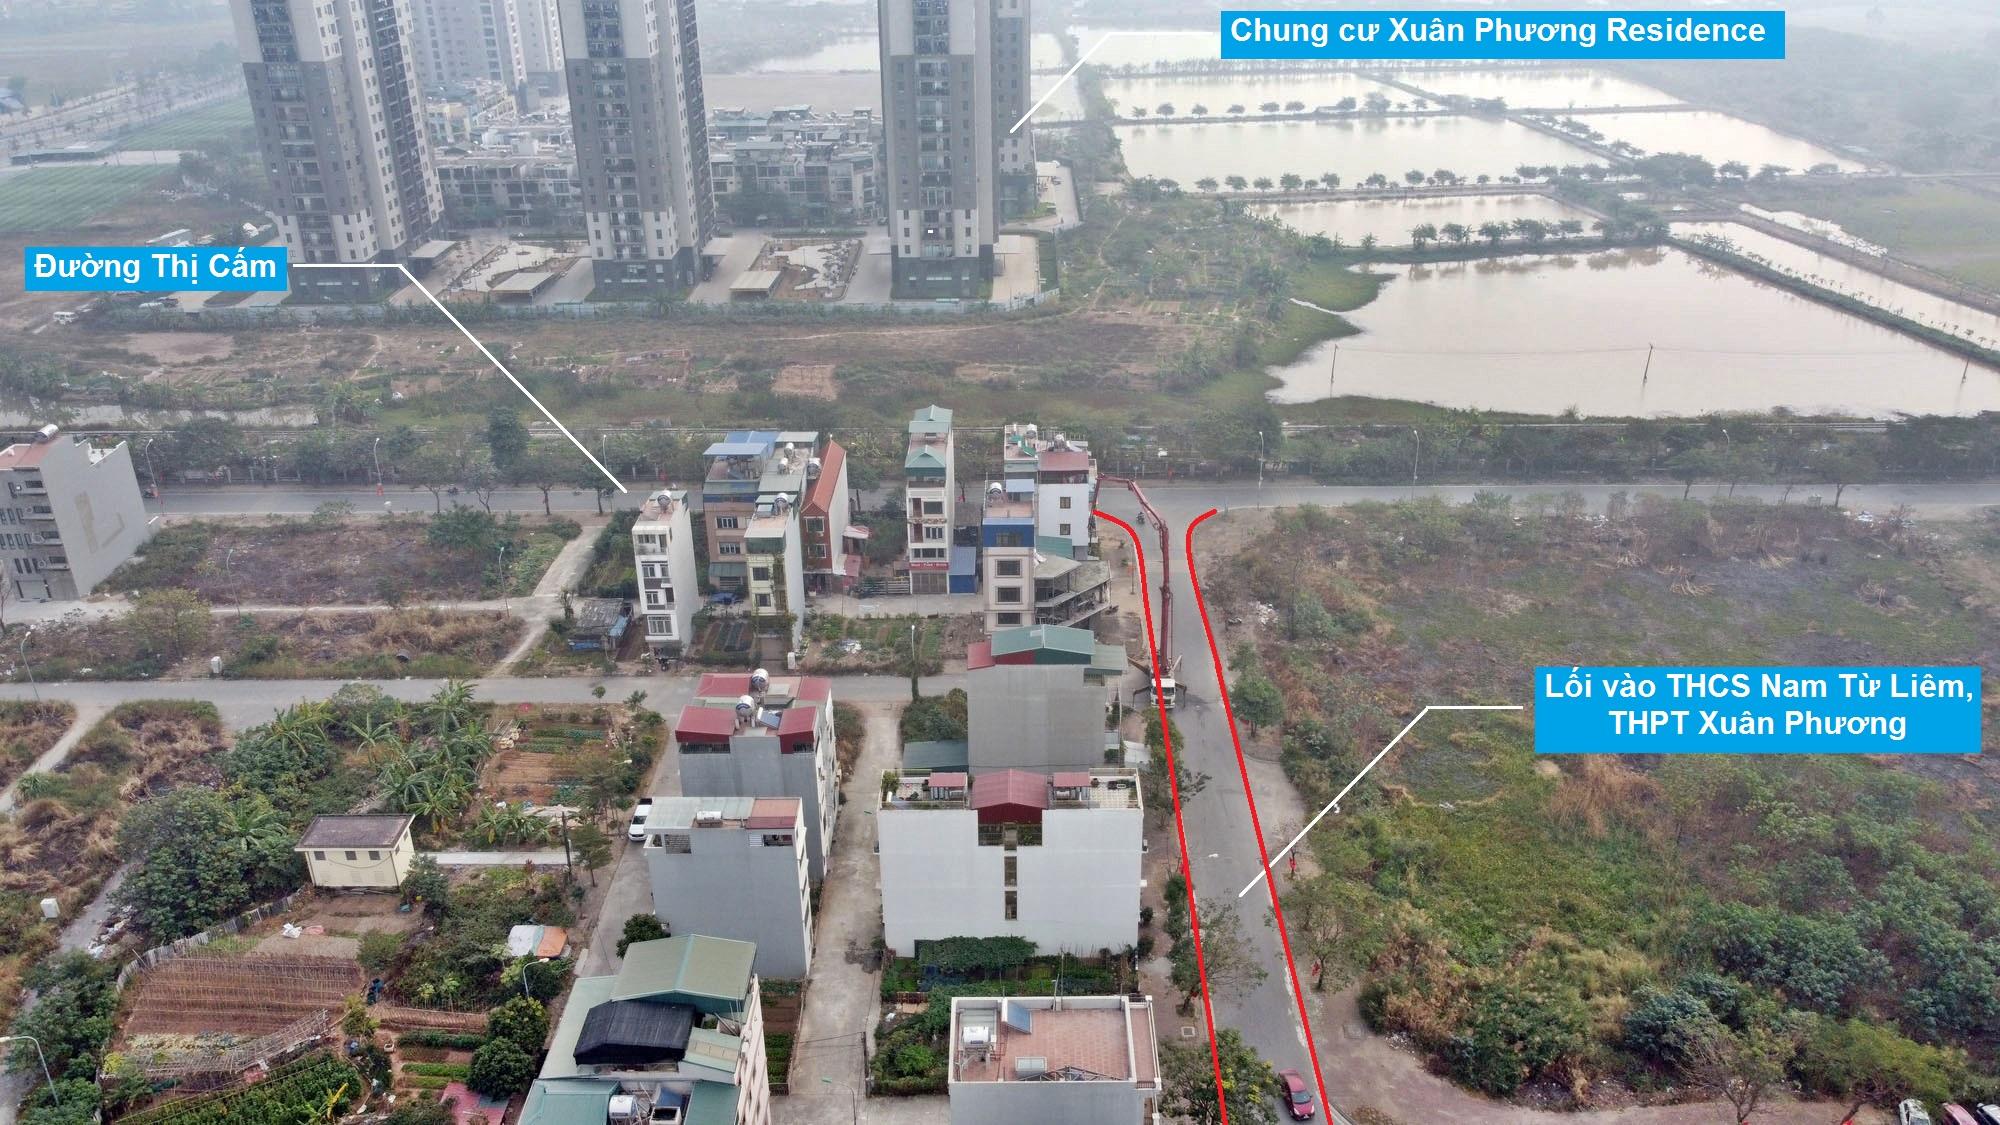 Ba đường sẽ mở theo qui hoạch ở phường Xuân Phương, Nam Từ Liêm, Hà Nội (phần 2) - Ảnh 3.